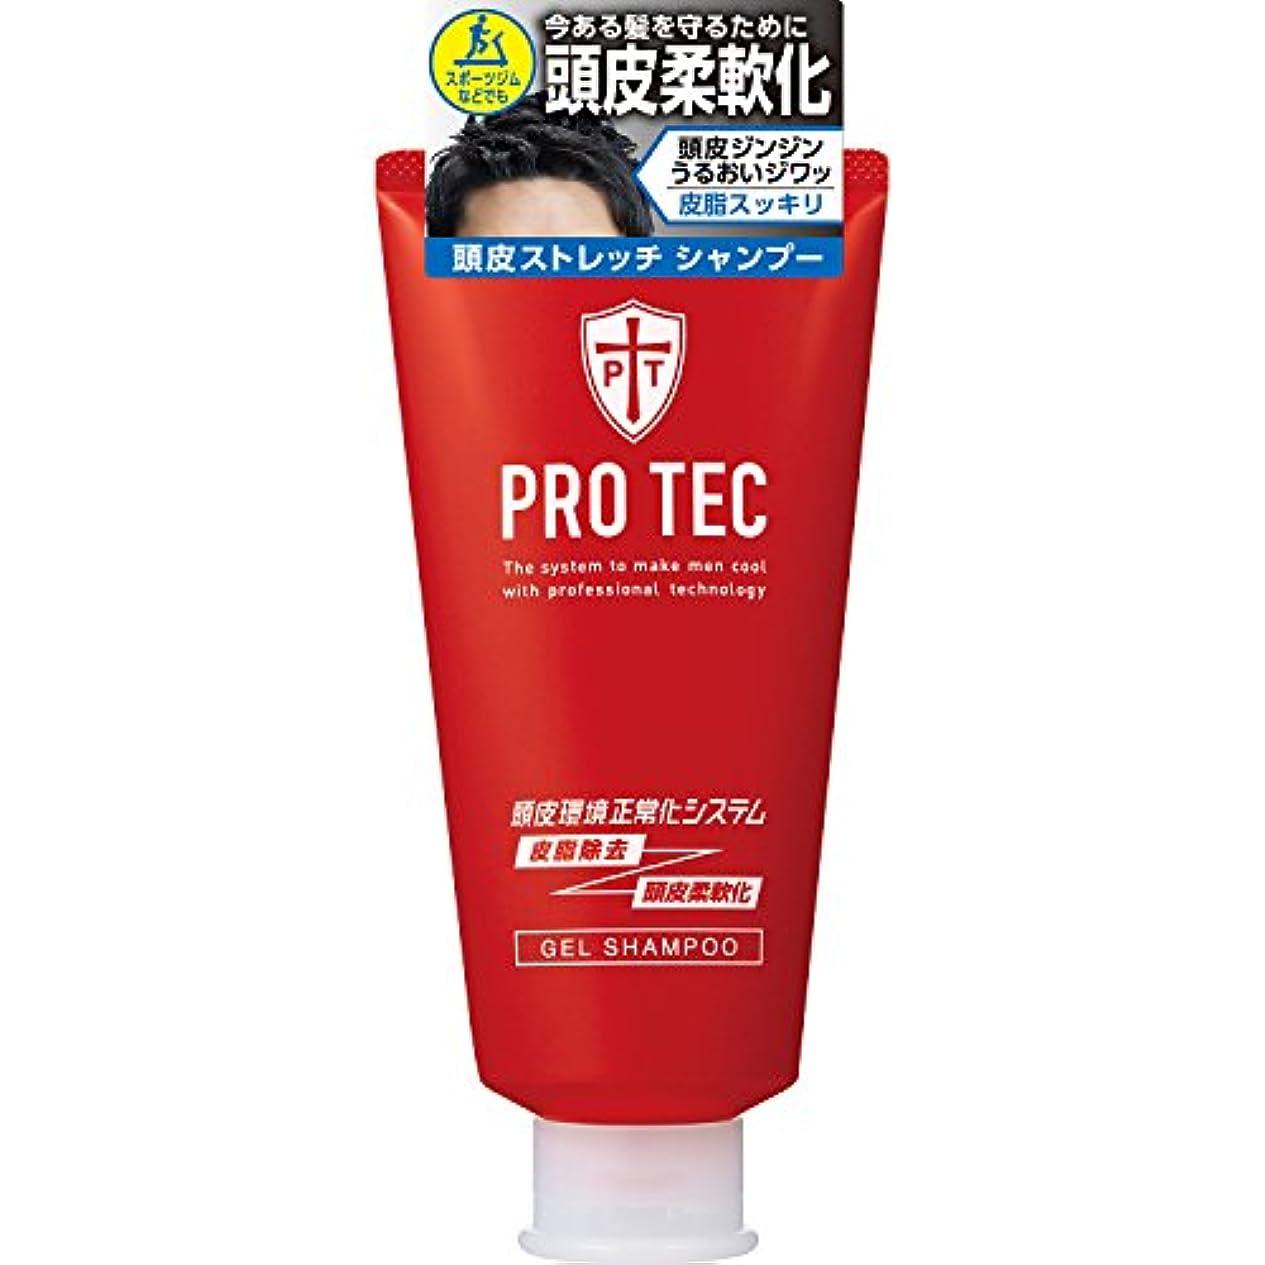 ぼんやりした家事状況PRO TEC(プロテク) 頭皮ストレッチ シャンプー チューブ 150g(医薬部外品)